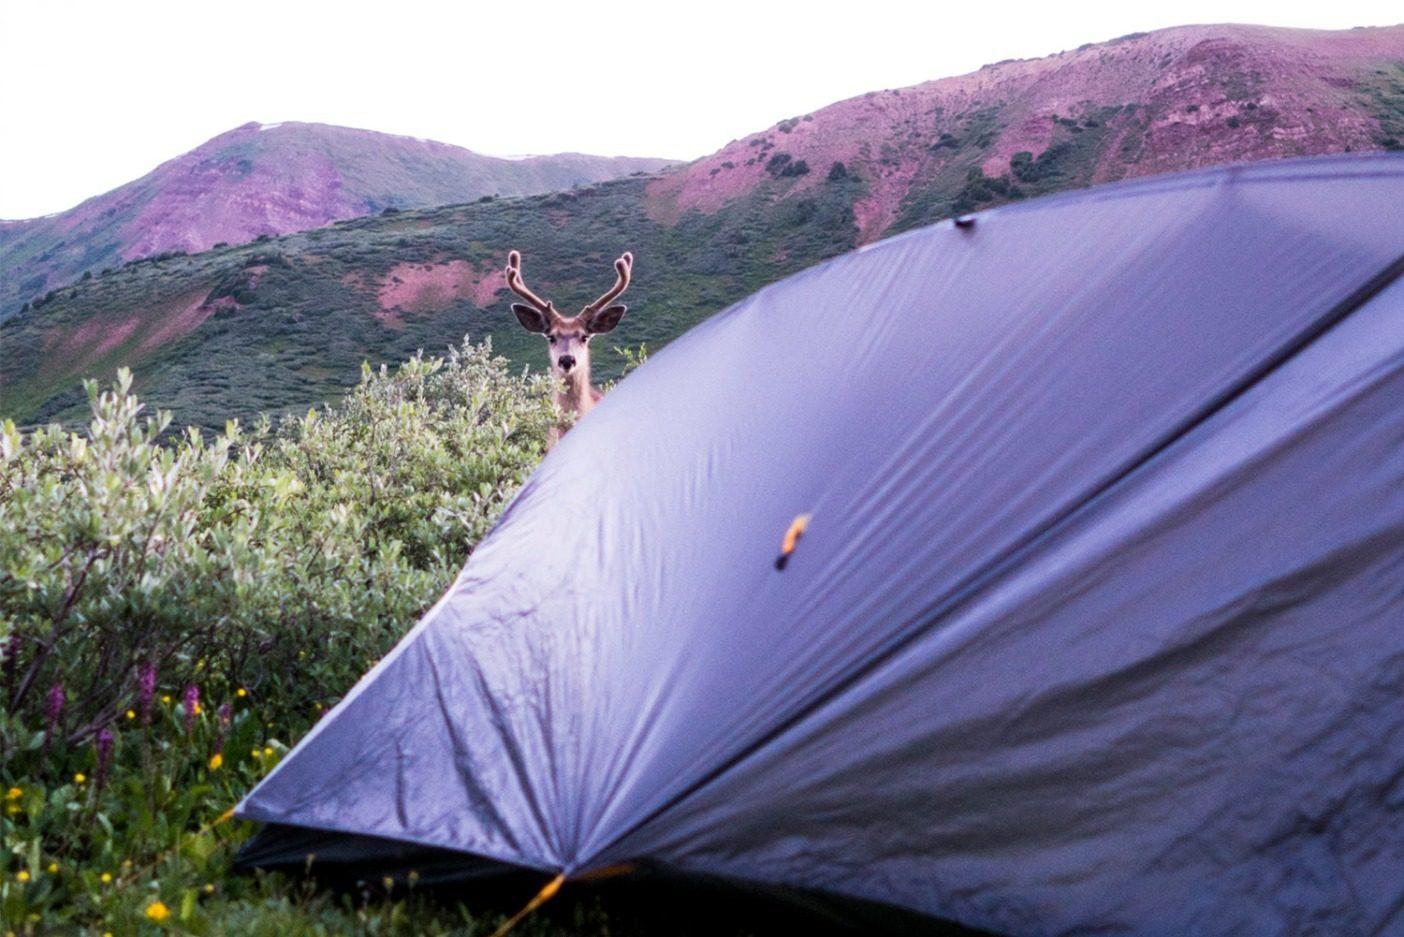 興味津々なローカル。この牡鹿は一晩中僕たちのテントのまわりを飛び跳ねていた。Photo: Carl Zoch